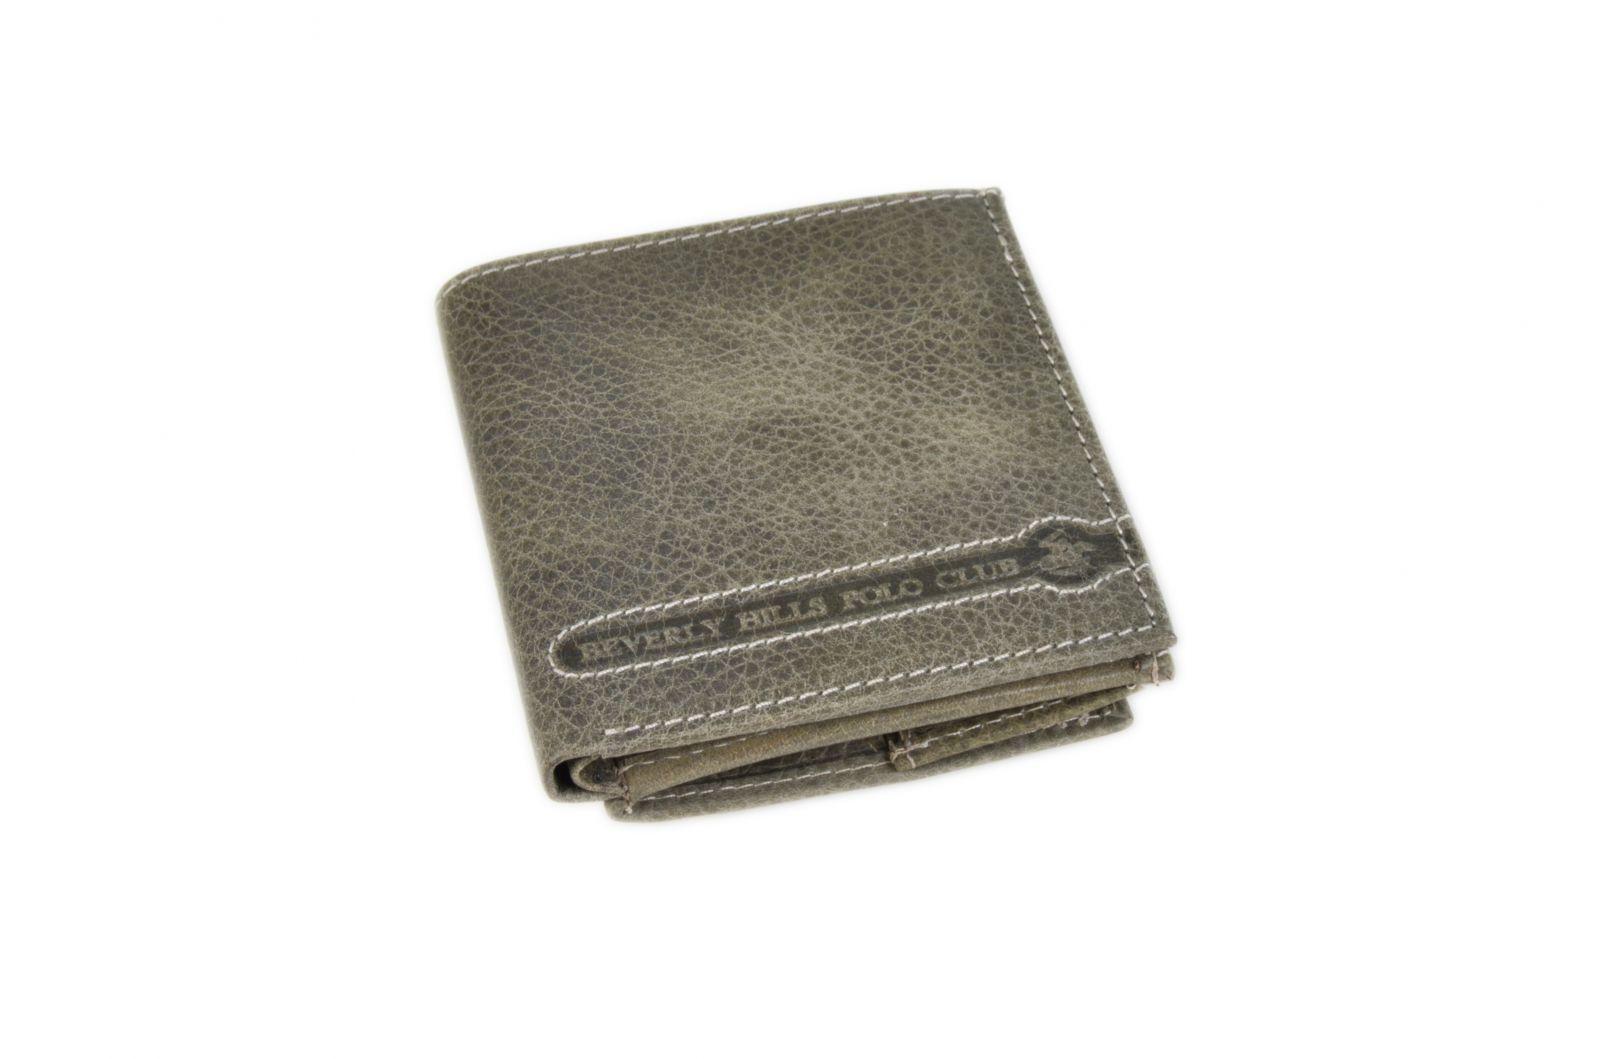 Peněženka pánská BHPC Tucson BH-397-23 antracitová v krabičce